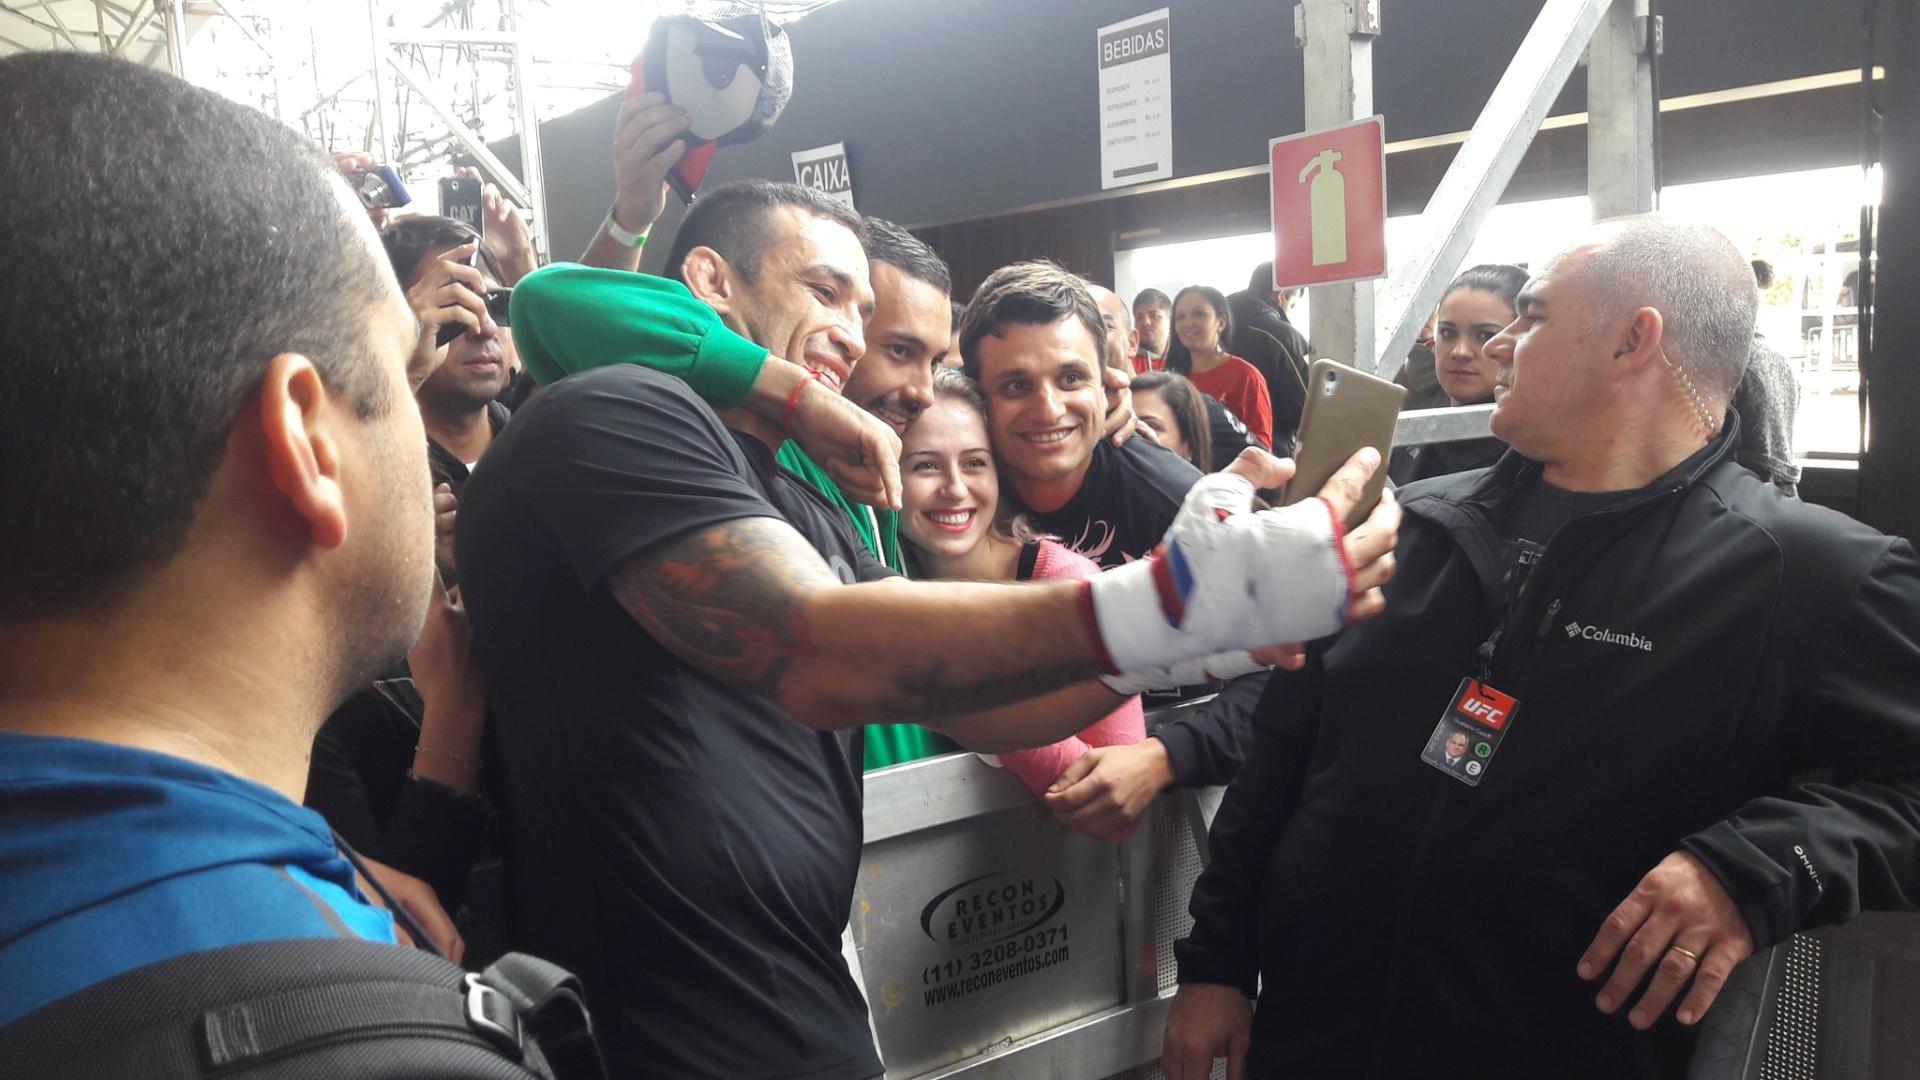 Fabrício Werdum atende fãs no treino livre do UFC 198, em Curitiba